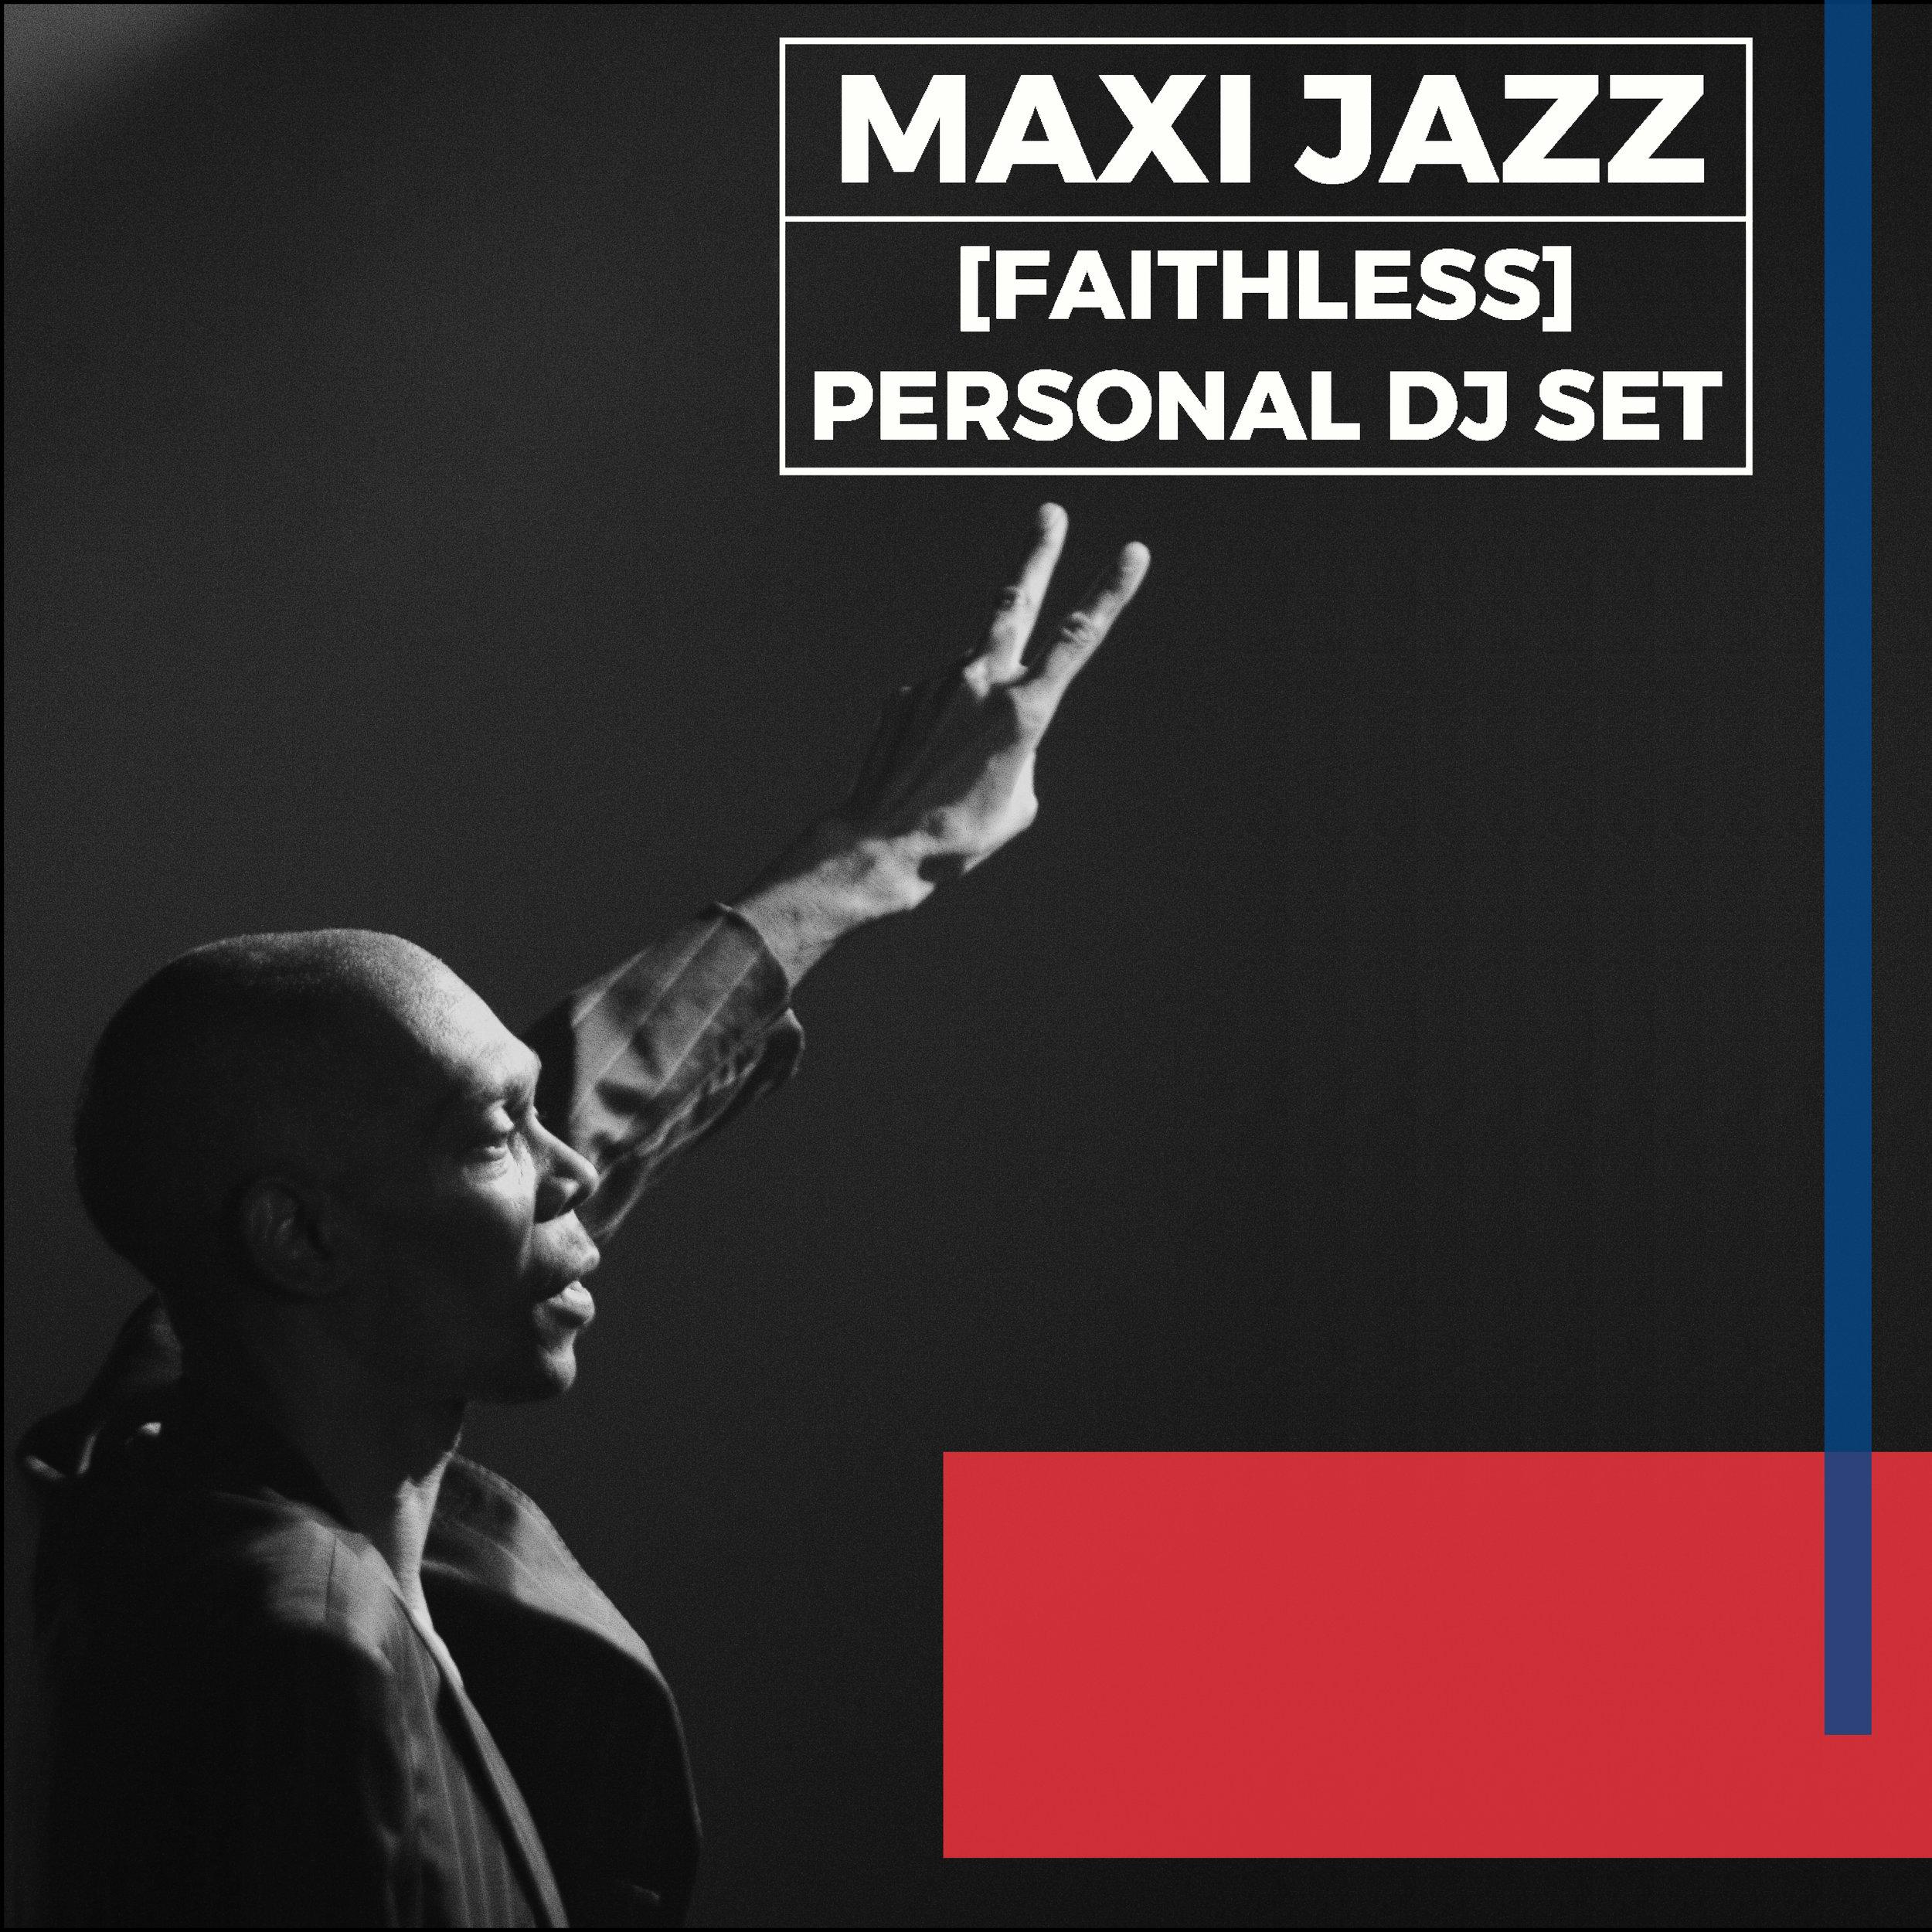 Copy of MAXI JAZZ (FAITHLESS) PERSONAL DJ SET